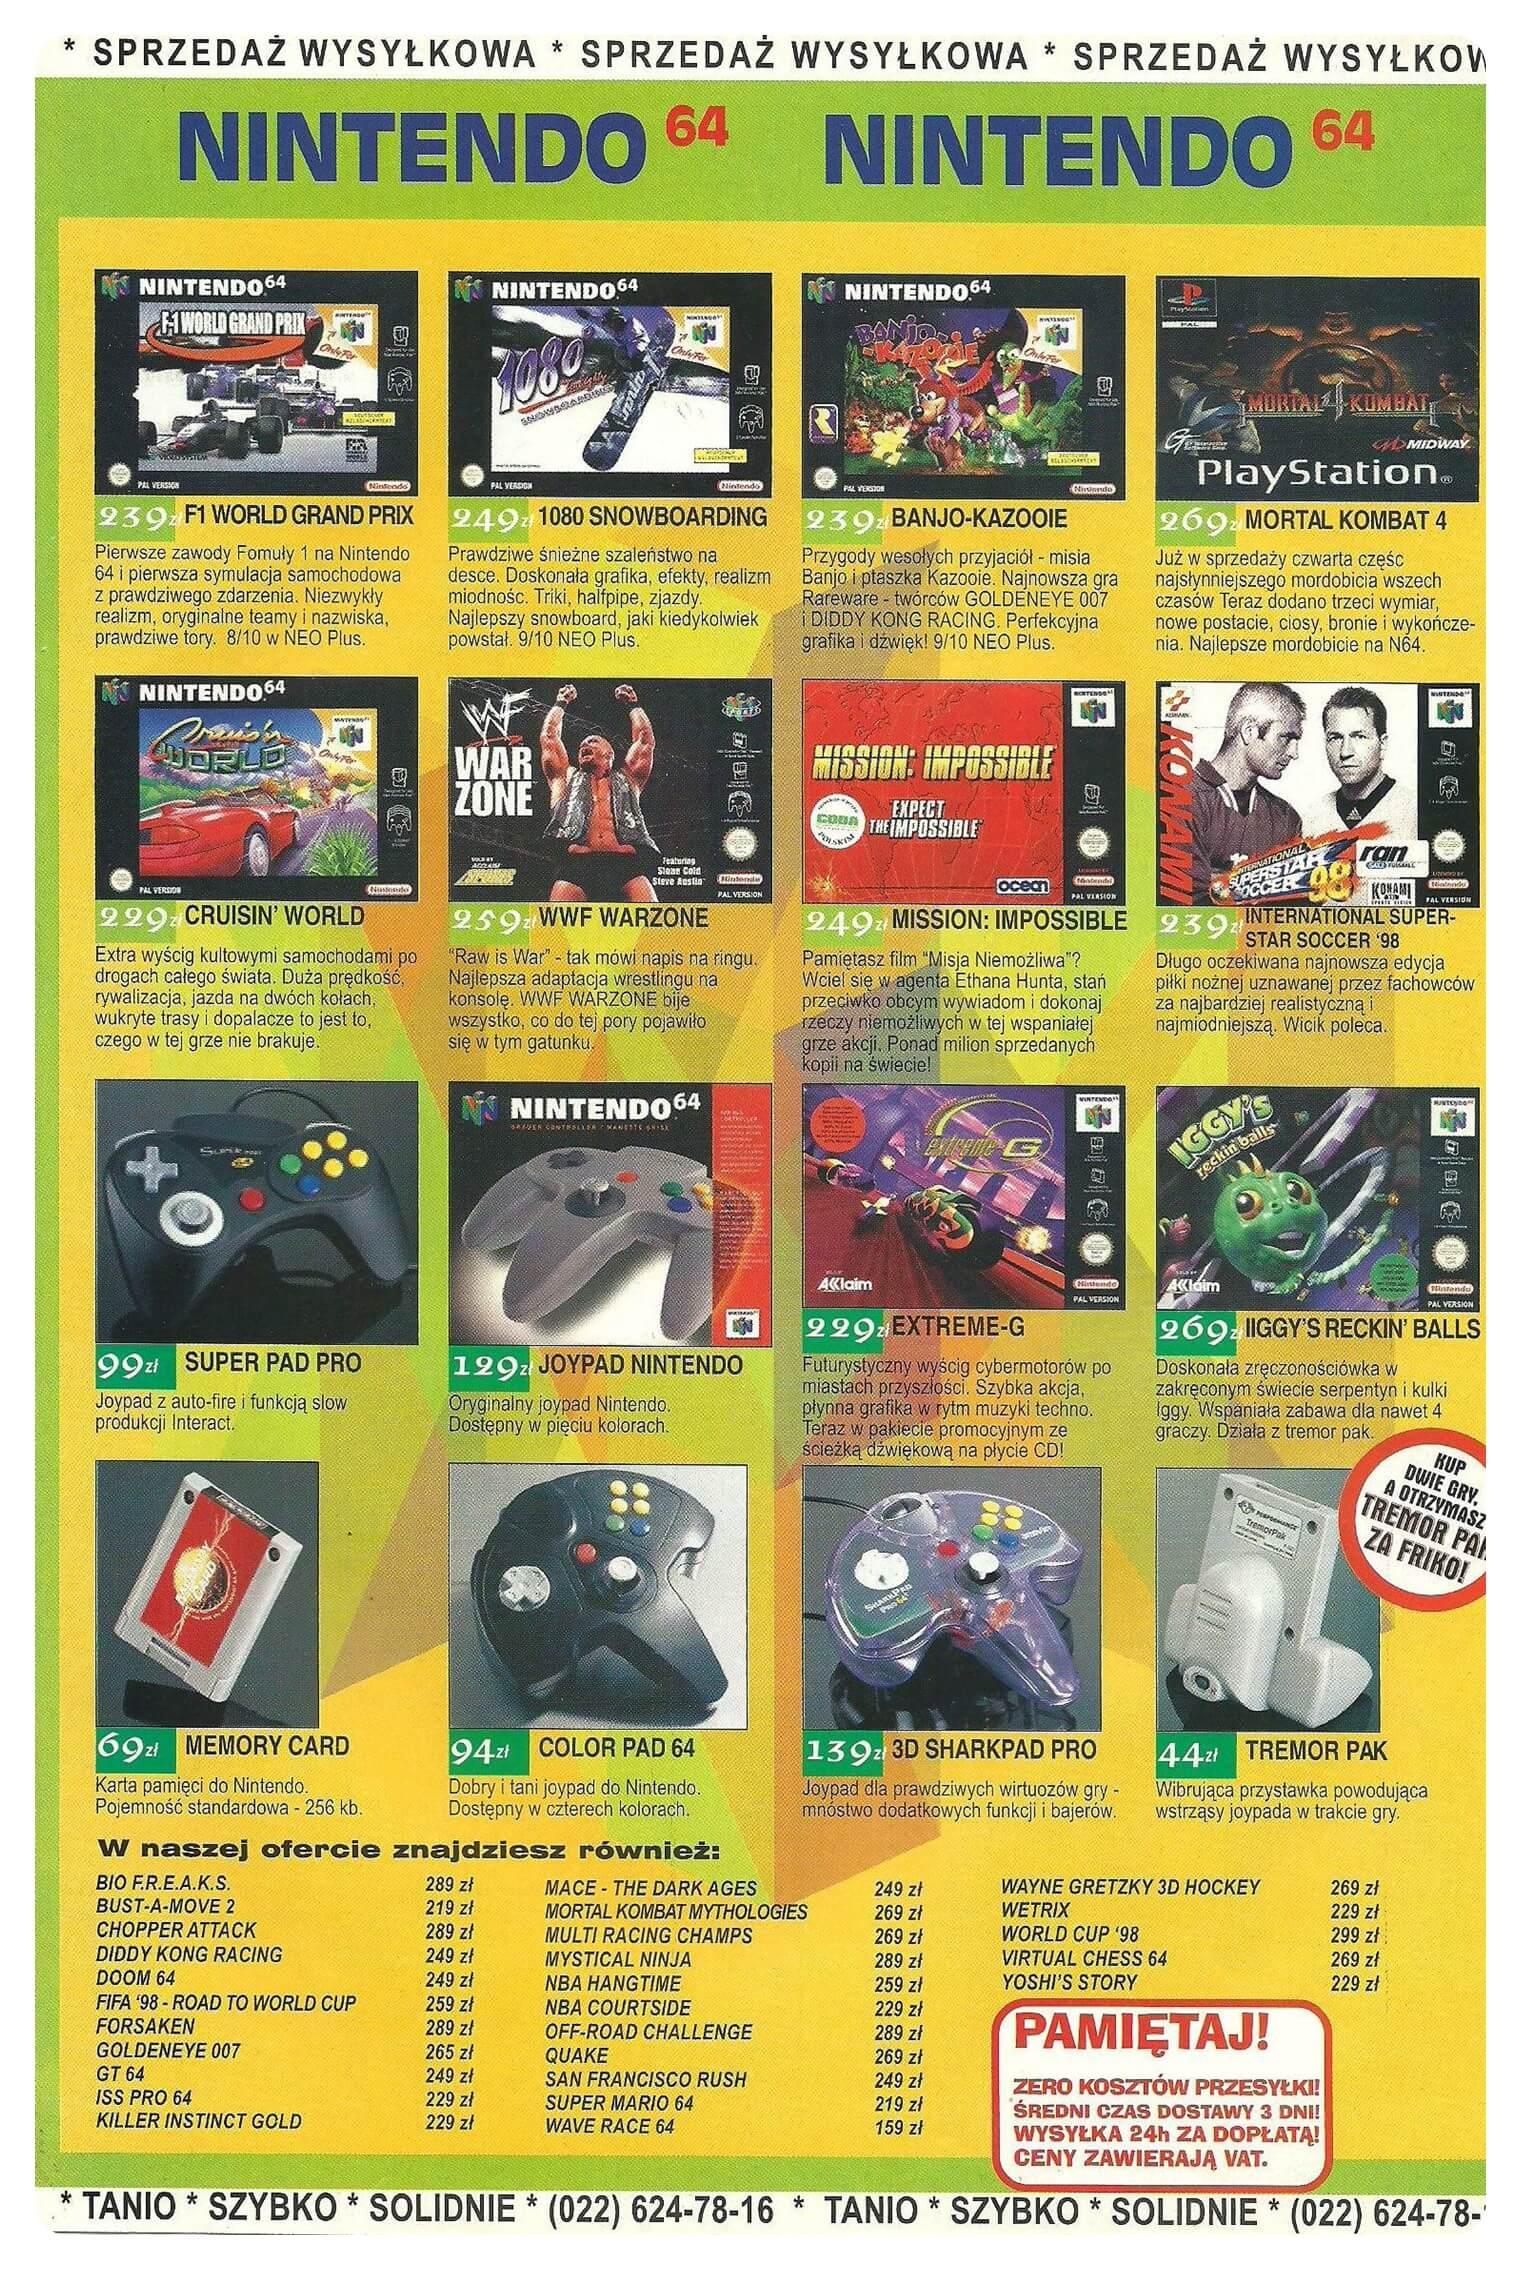 Neo Plus nr 004 199843q4 - Jak wyglądały ceny różnych konsol w Polsce w latach 1996-2006?